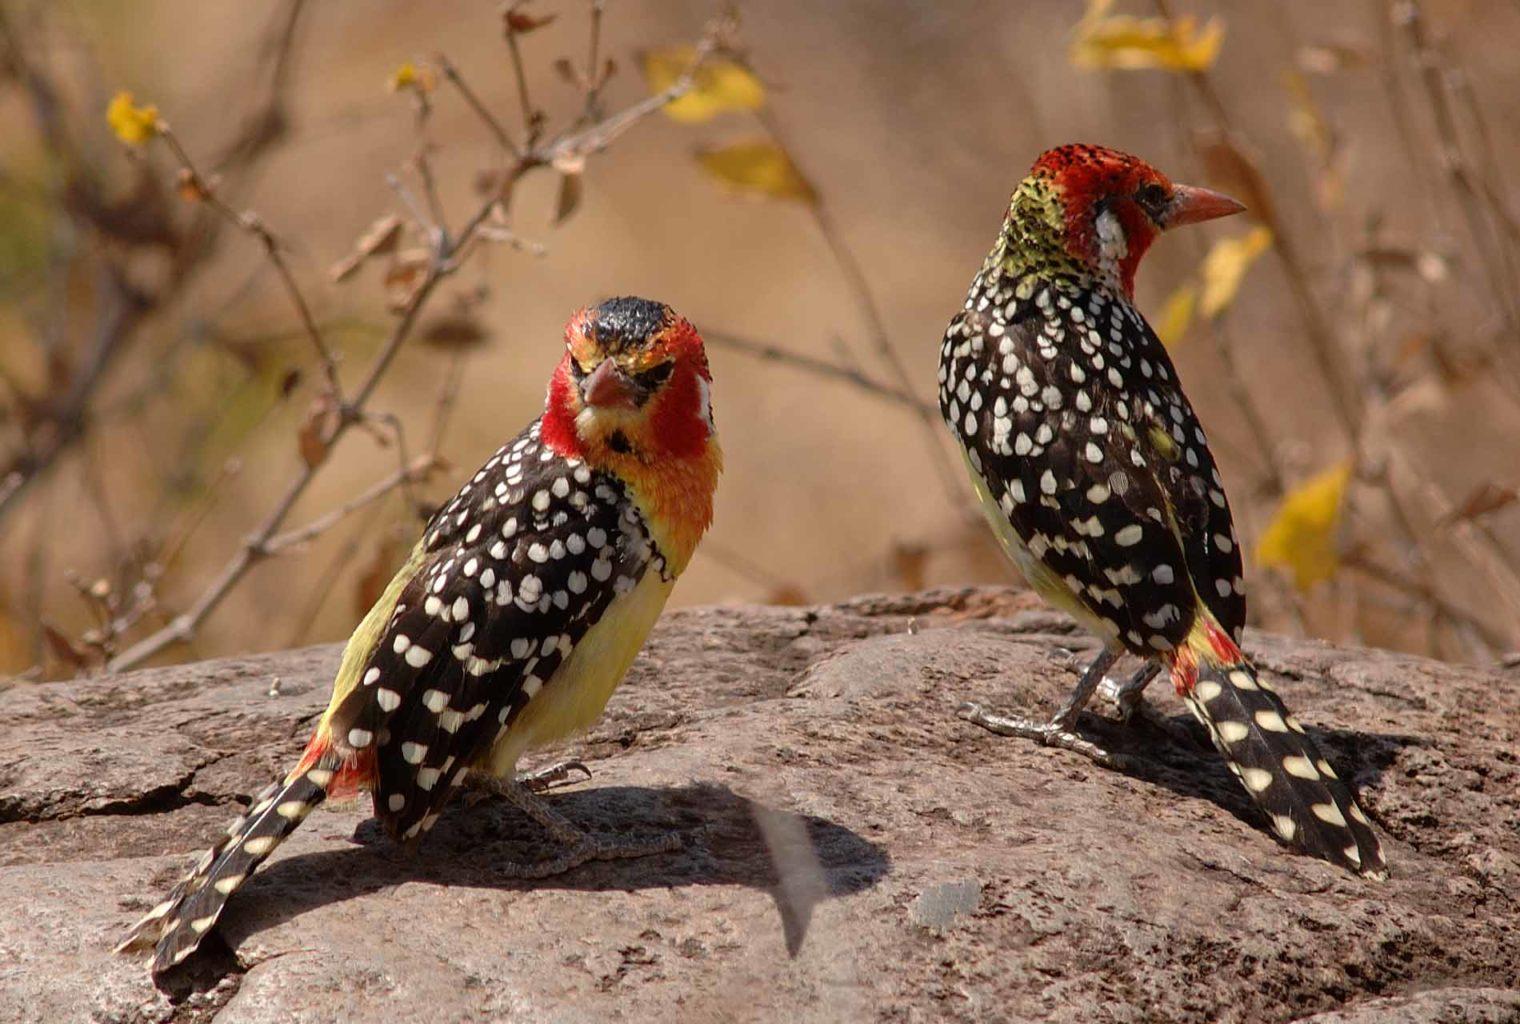 Kuro Tarangire Tanzania Wildlife